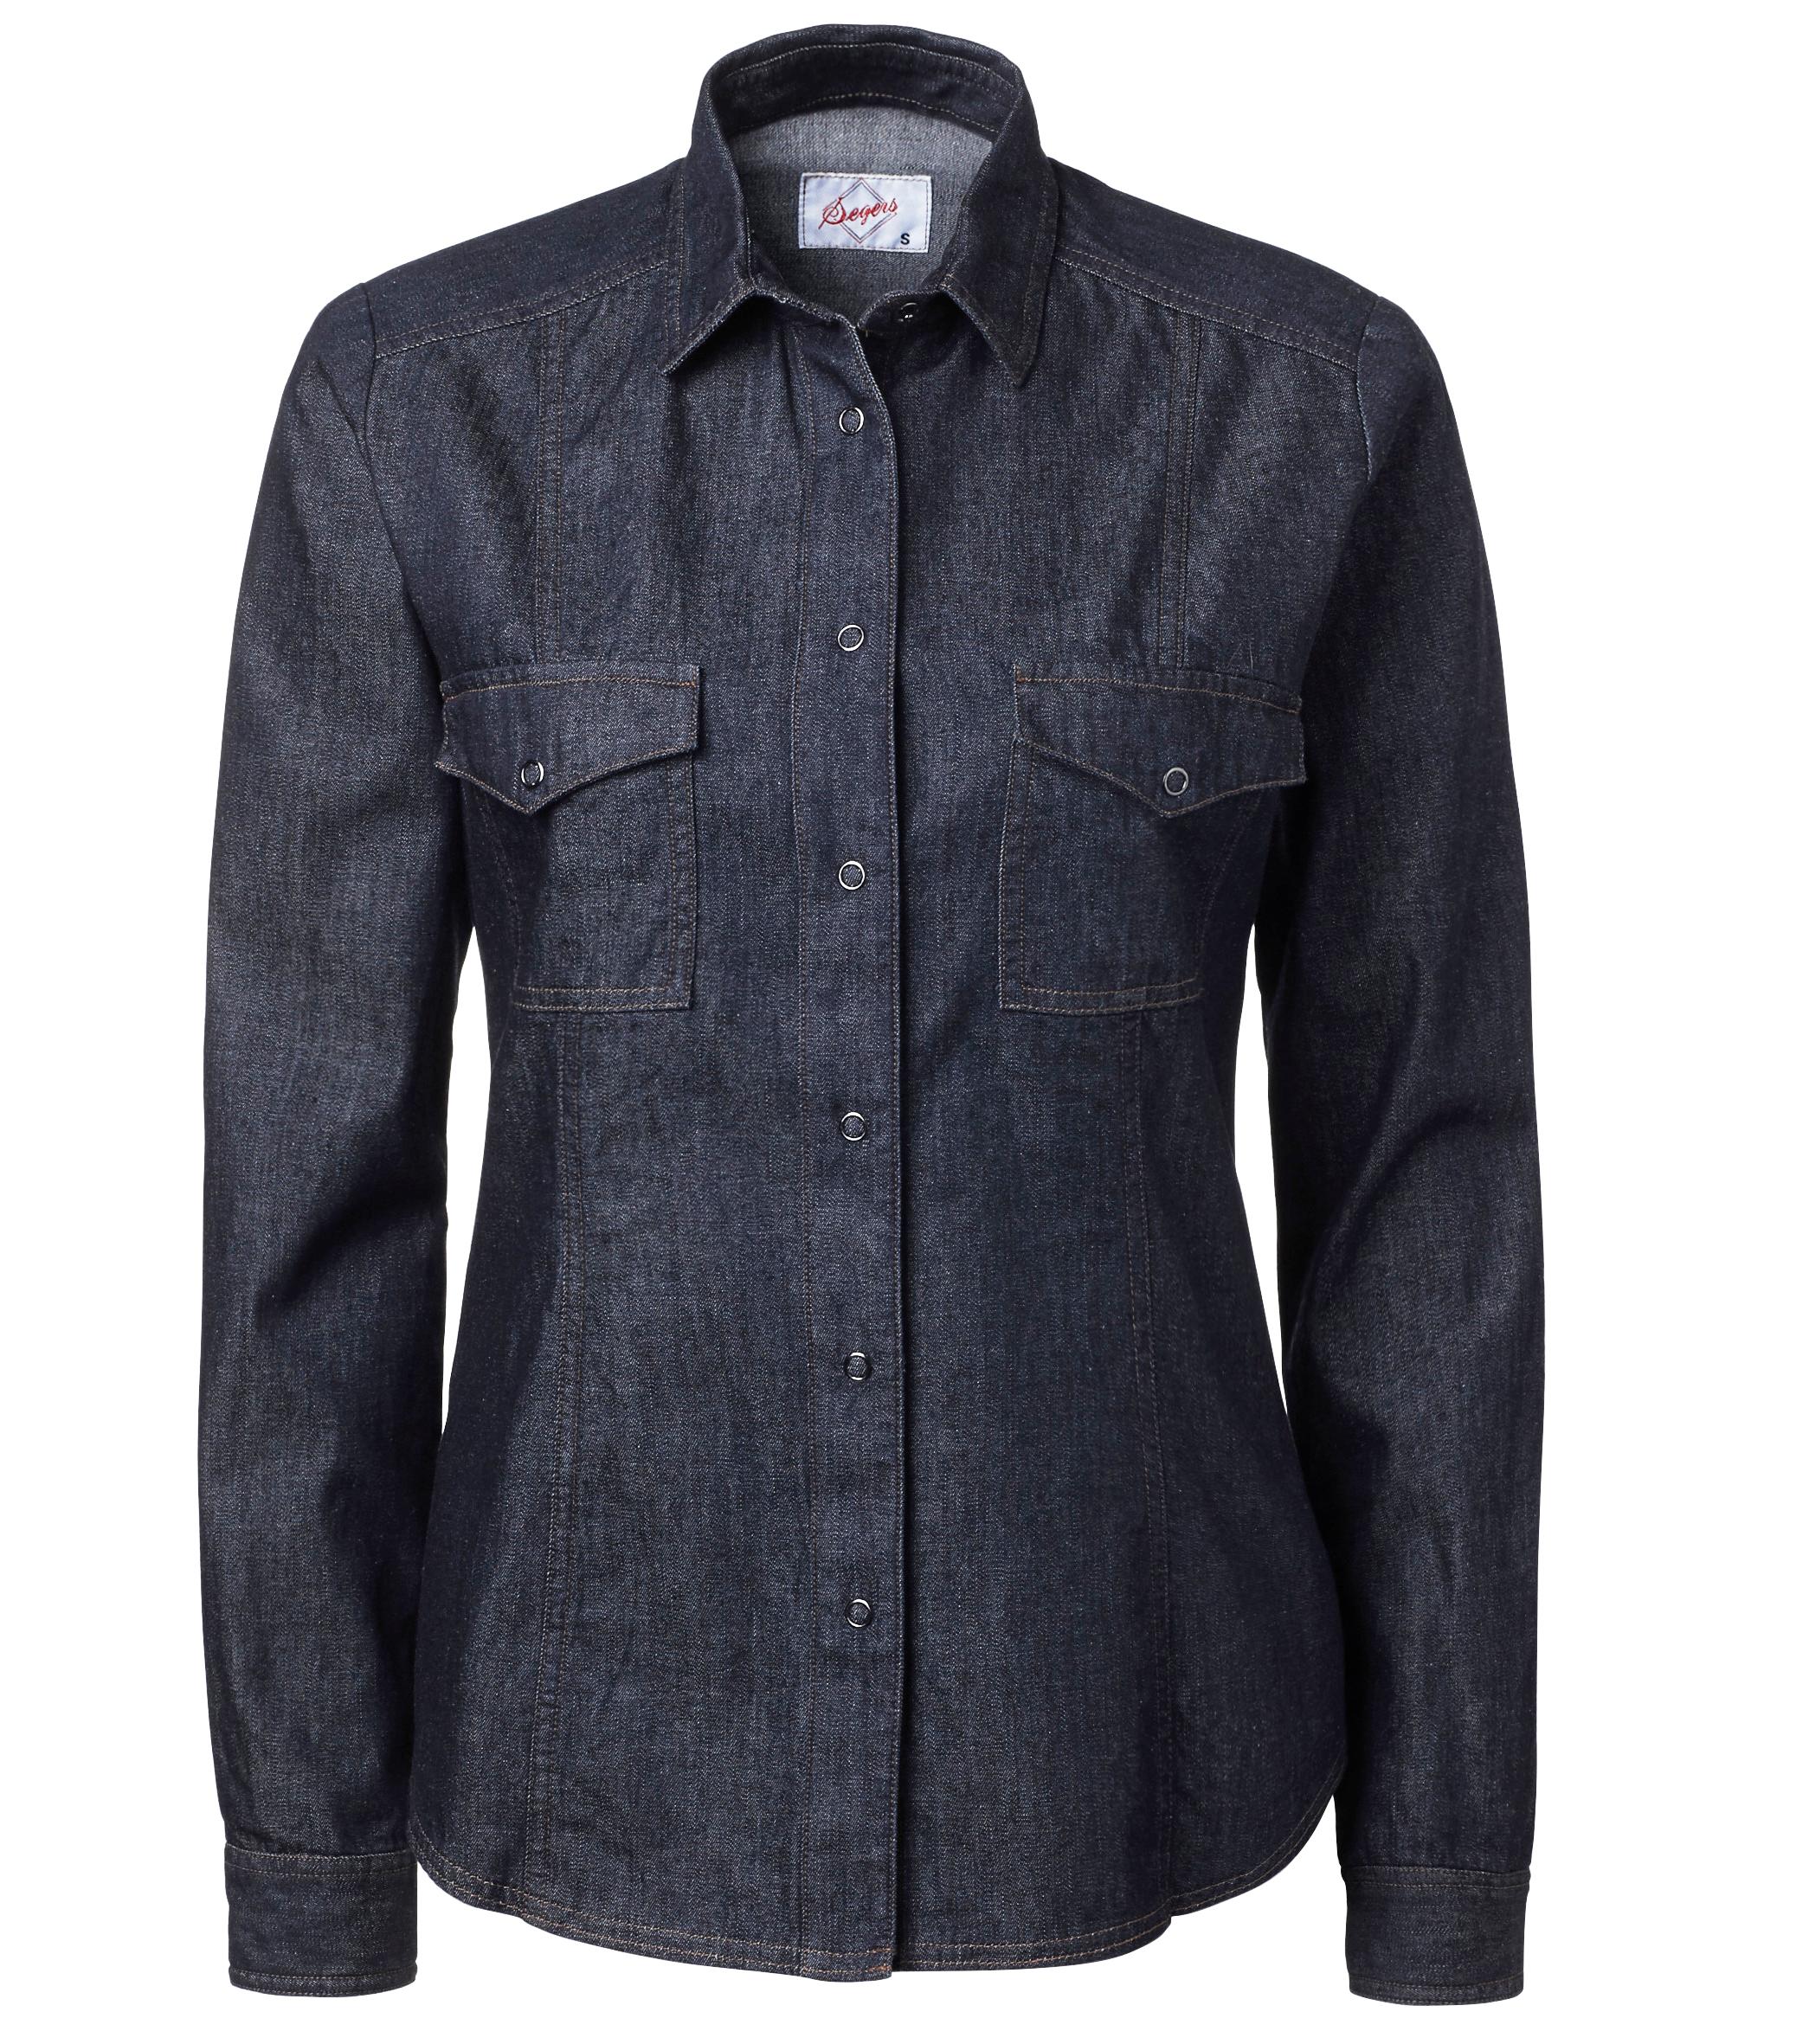 Jeansskjorta Dam - Blå - Kockkläder.se f3b4b2765a935